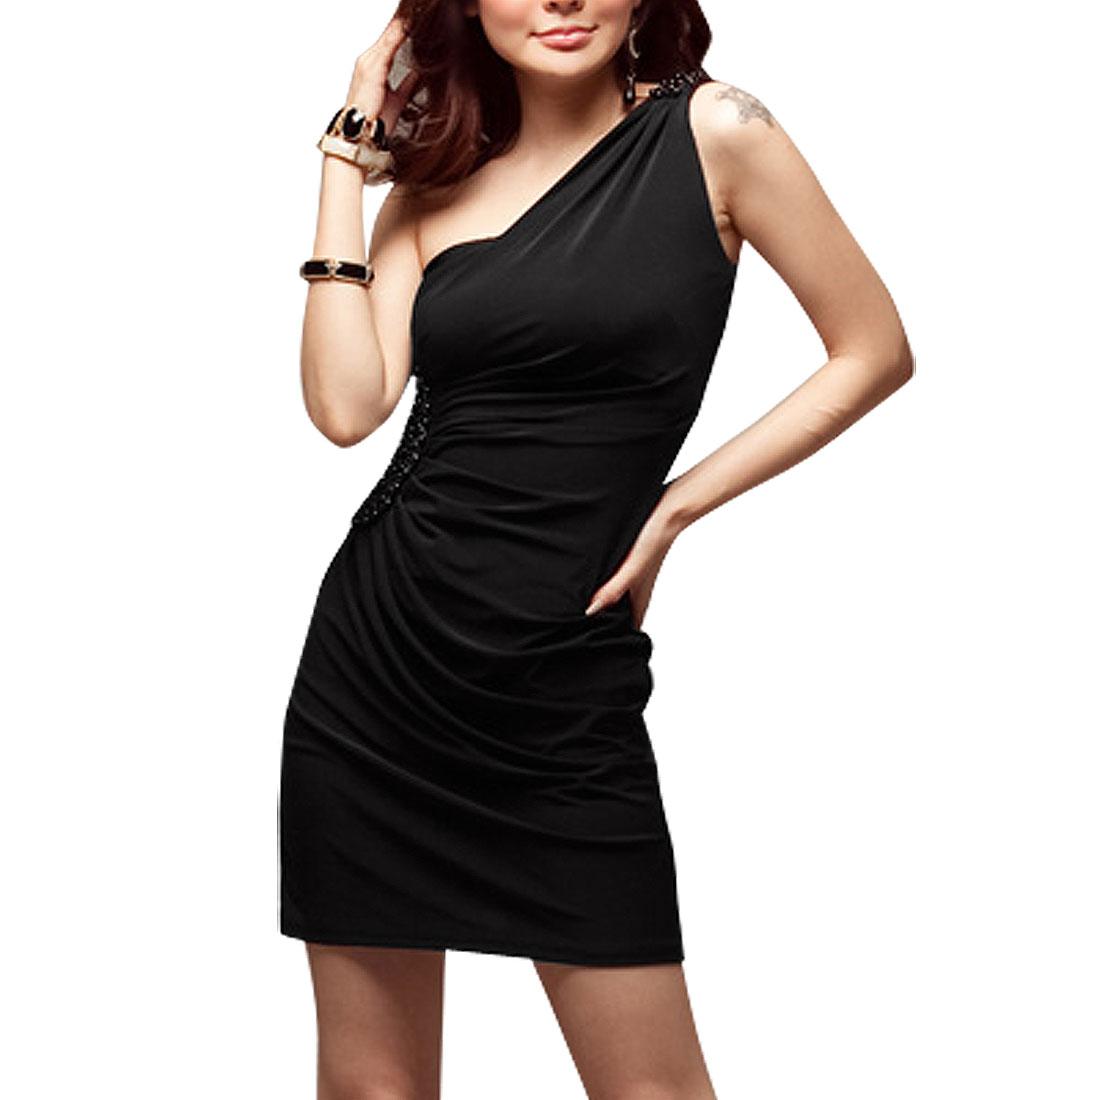 Black Beads Embellished One Shoulder Ruched Side Mini Dress for Lady S